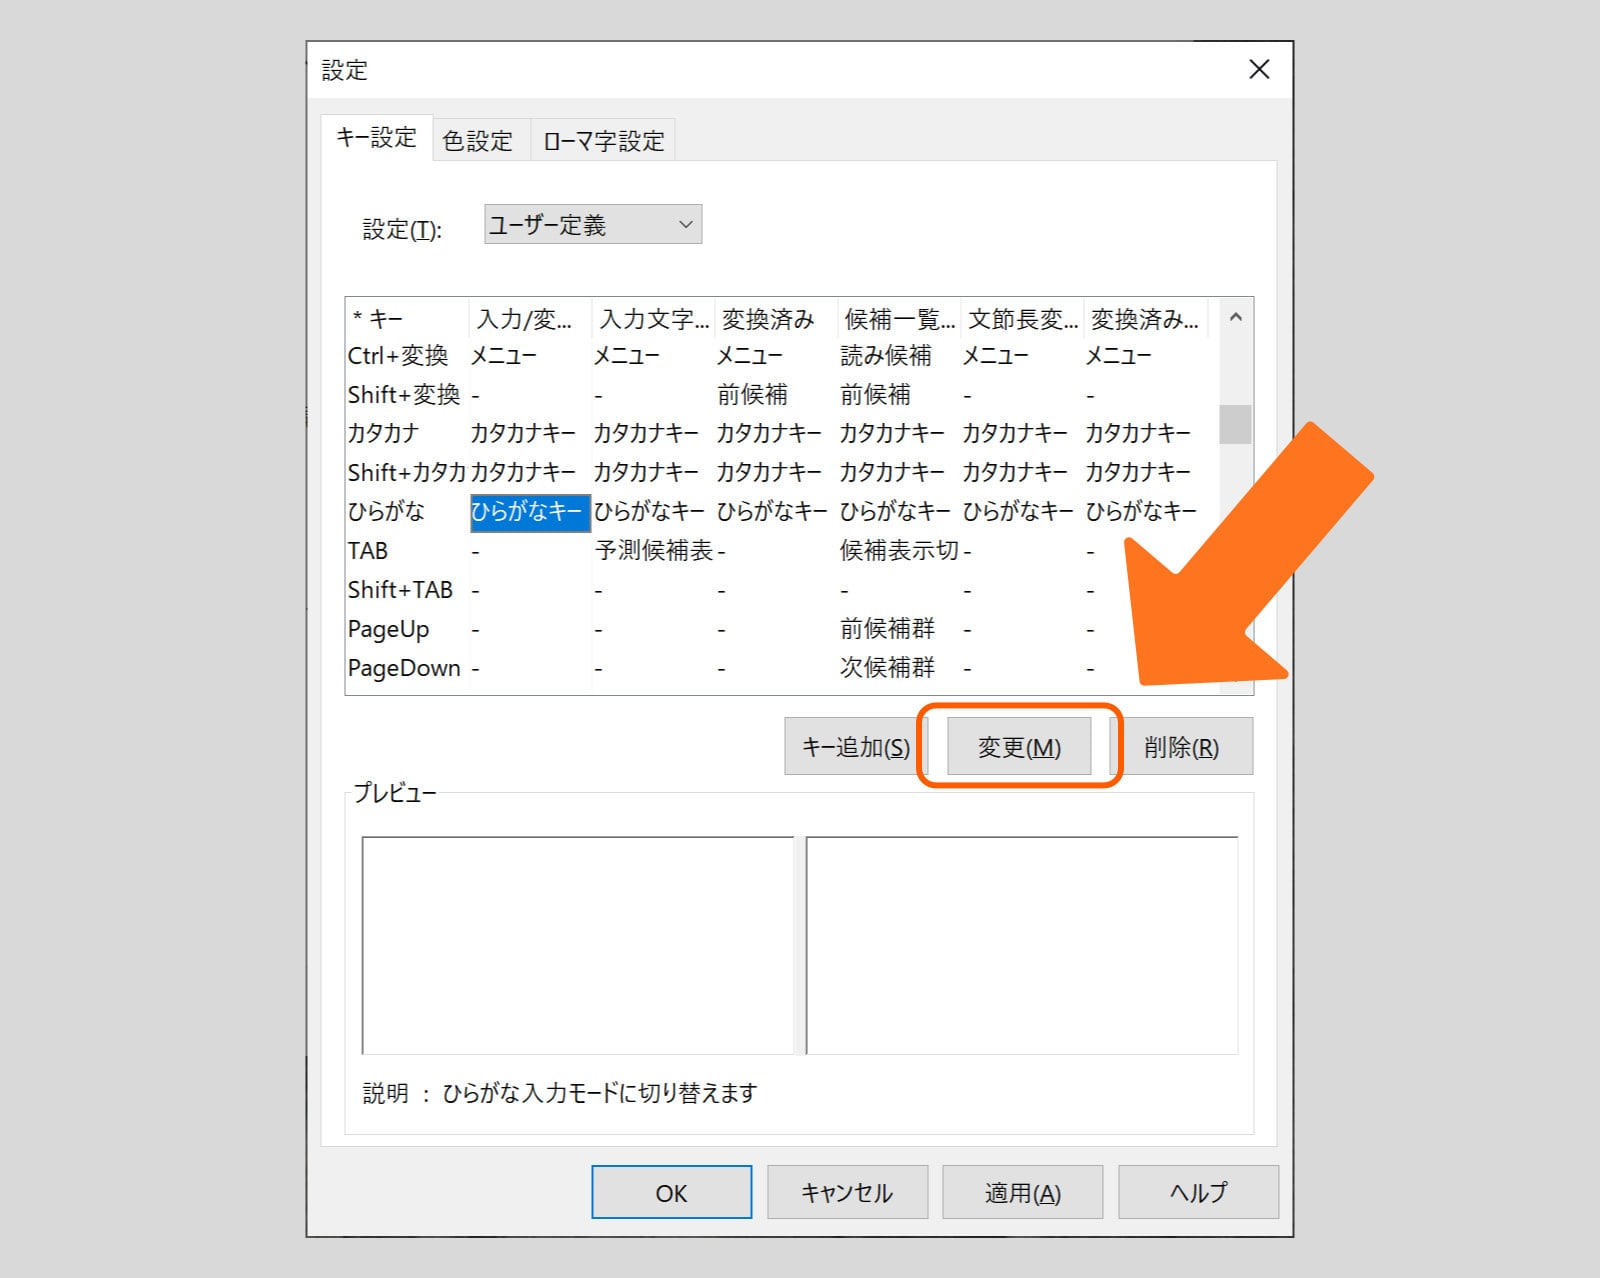 キー設定画面のキャプチャ画像。ひらがなキーが選択されている状態